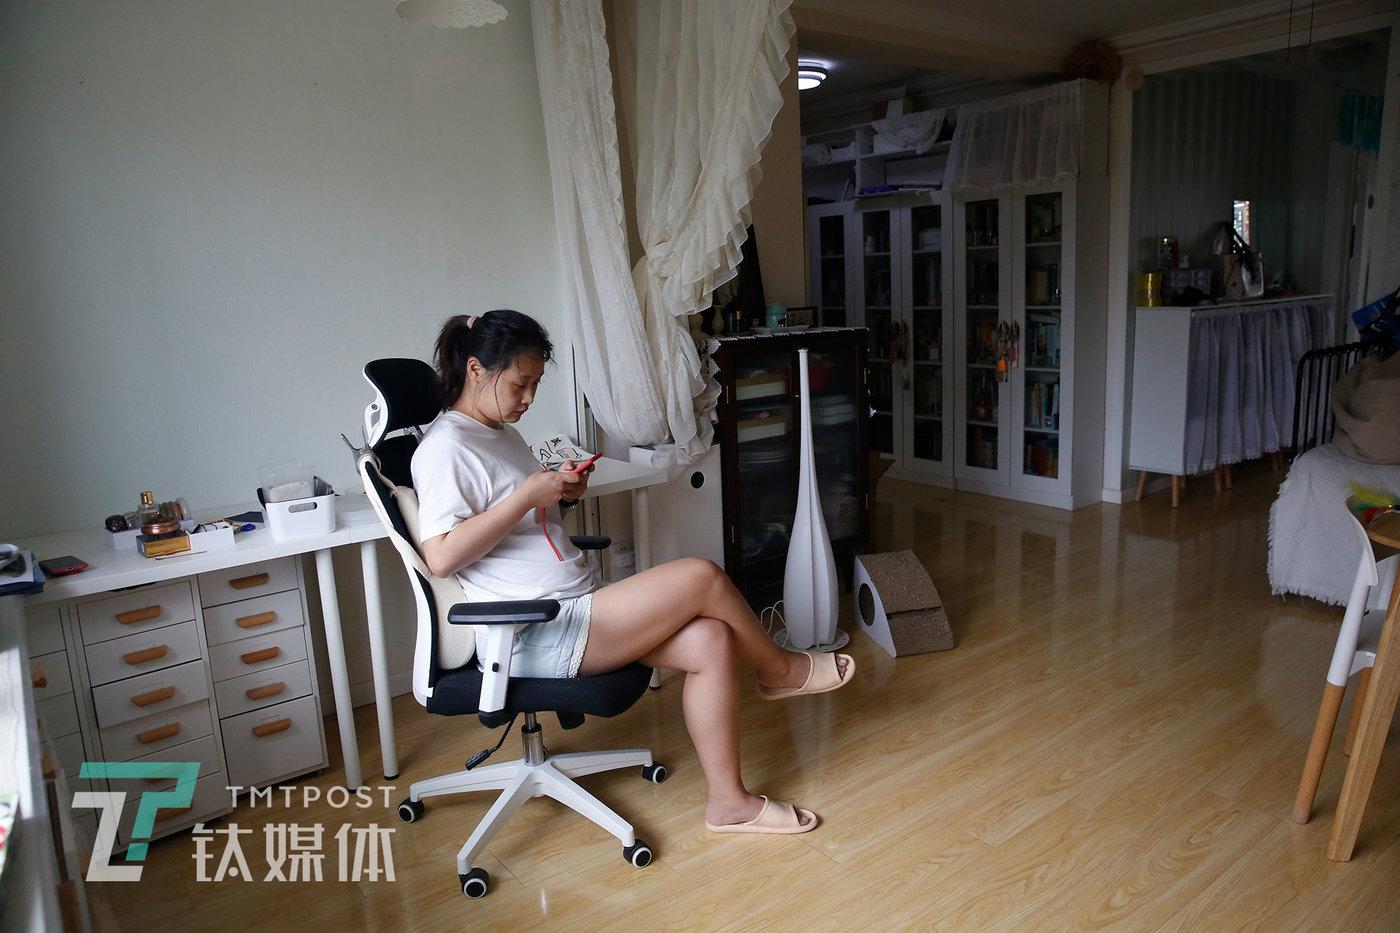 6月24日,瞻云云收拾完行李在家中休息,她将家中的拍摄设备全部移至新开的工作室里。